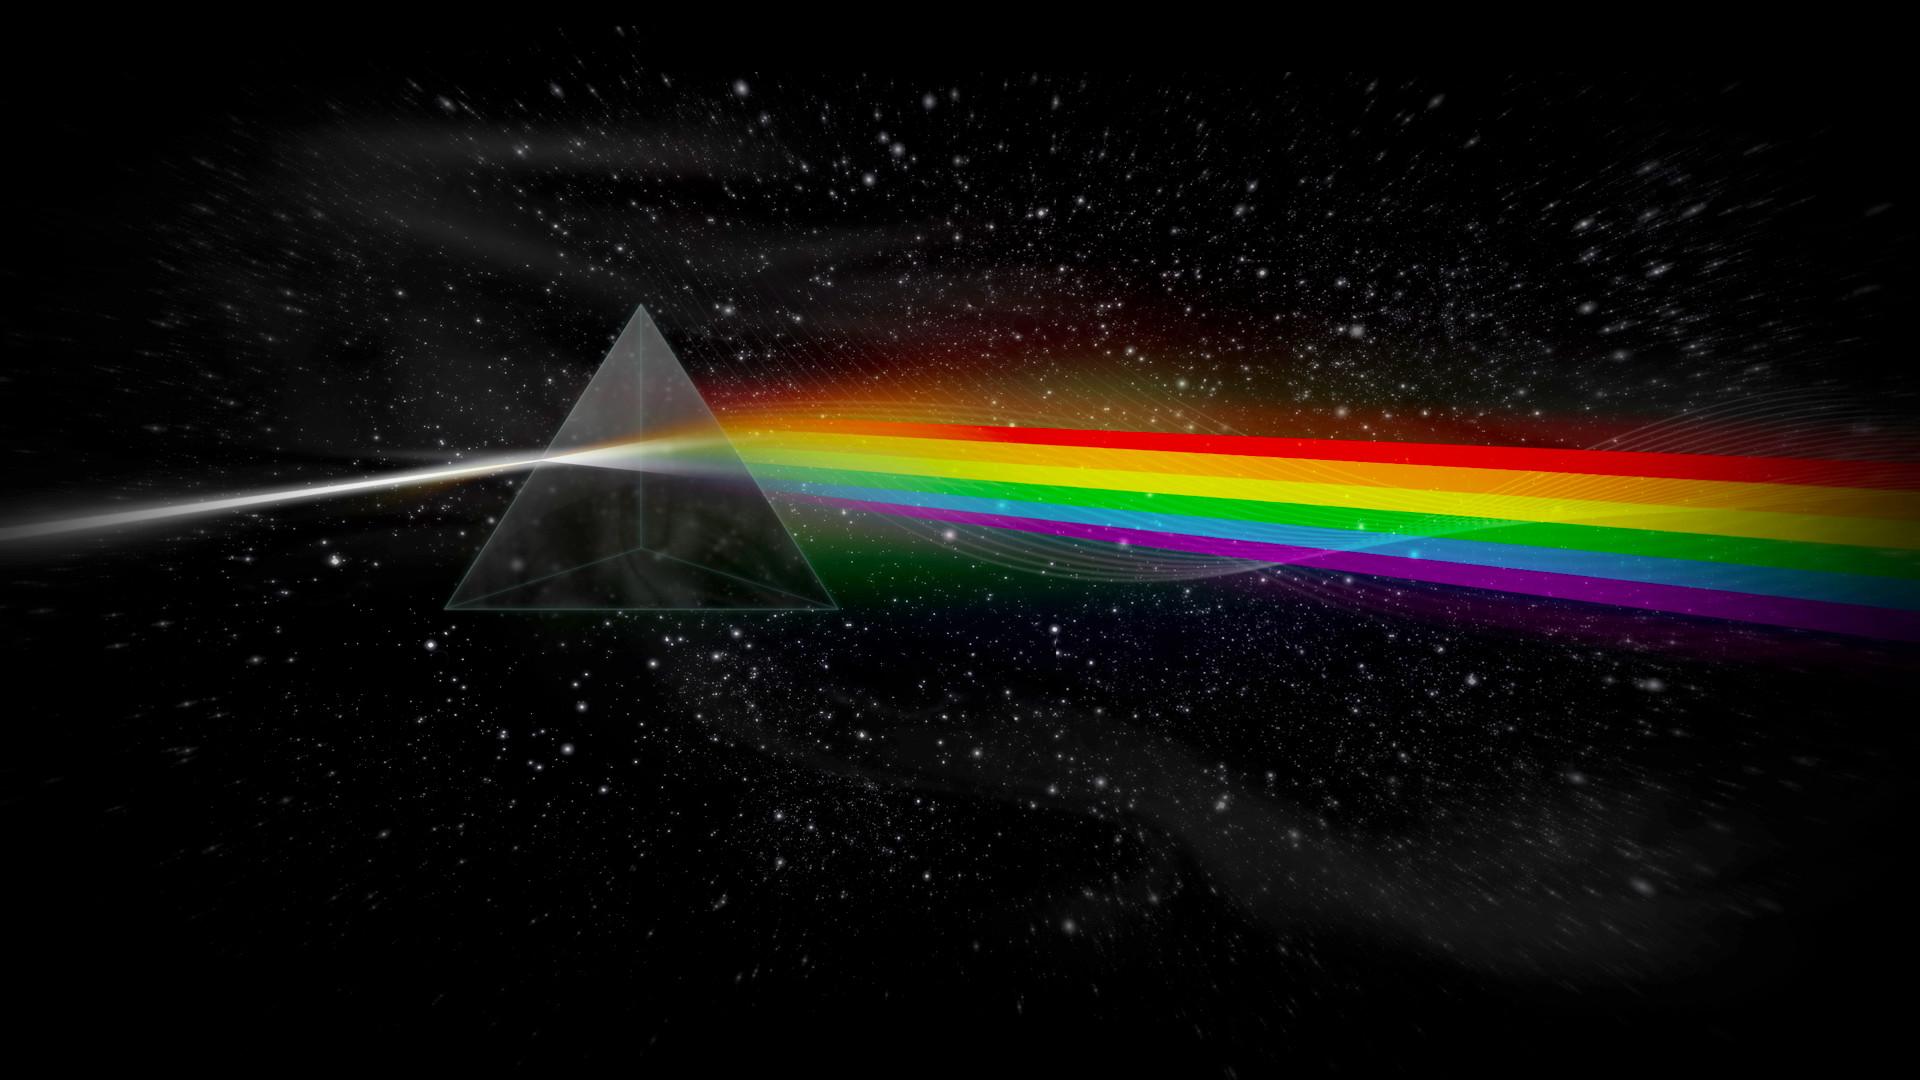 HM.72 Pink Floyd, Pink Floyd Wallpapers